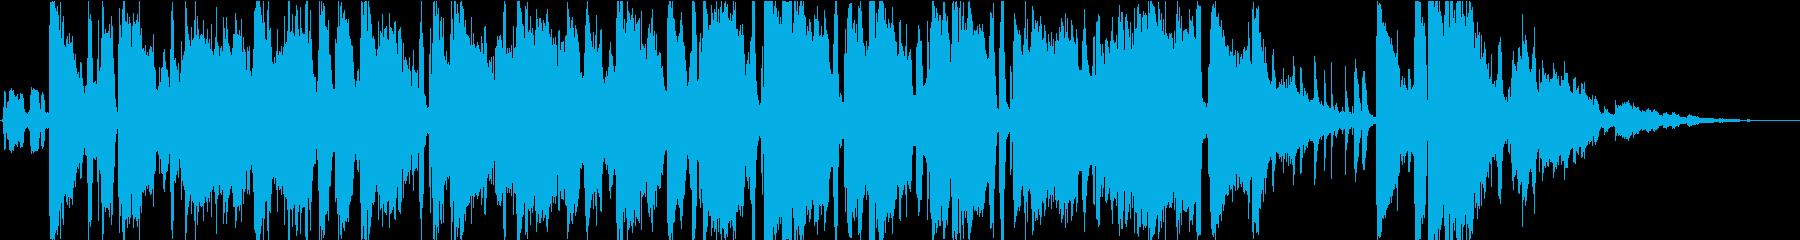 バーやラウンジを連想 ジャズフュージョンの再生済みの波形